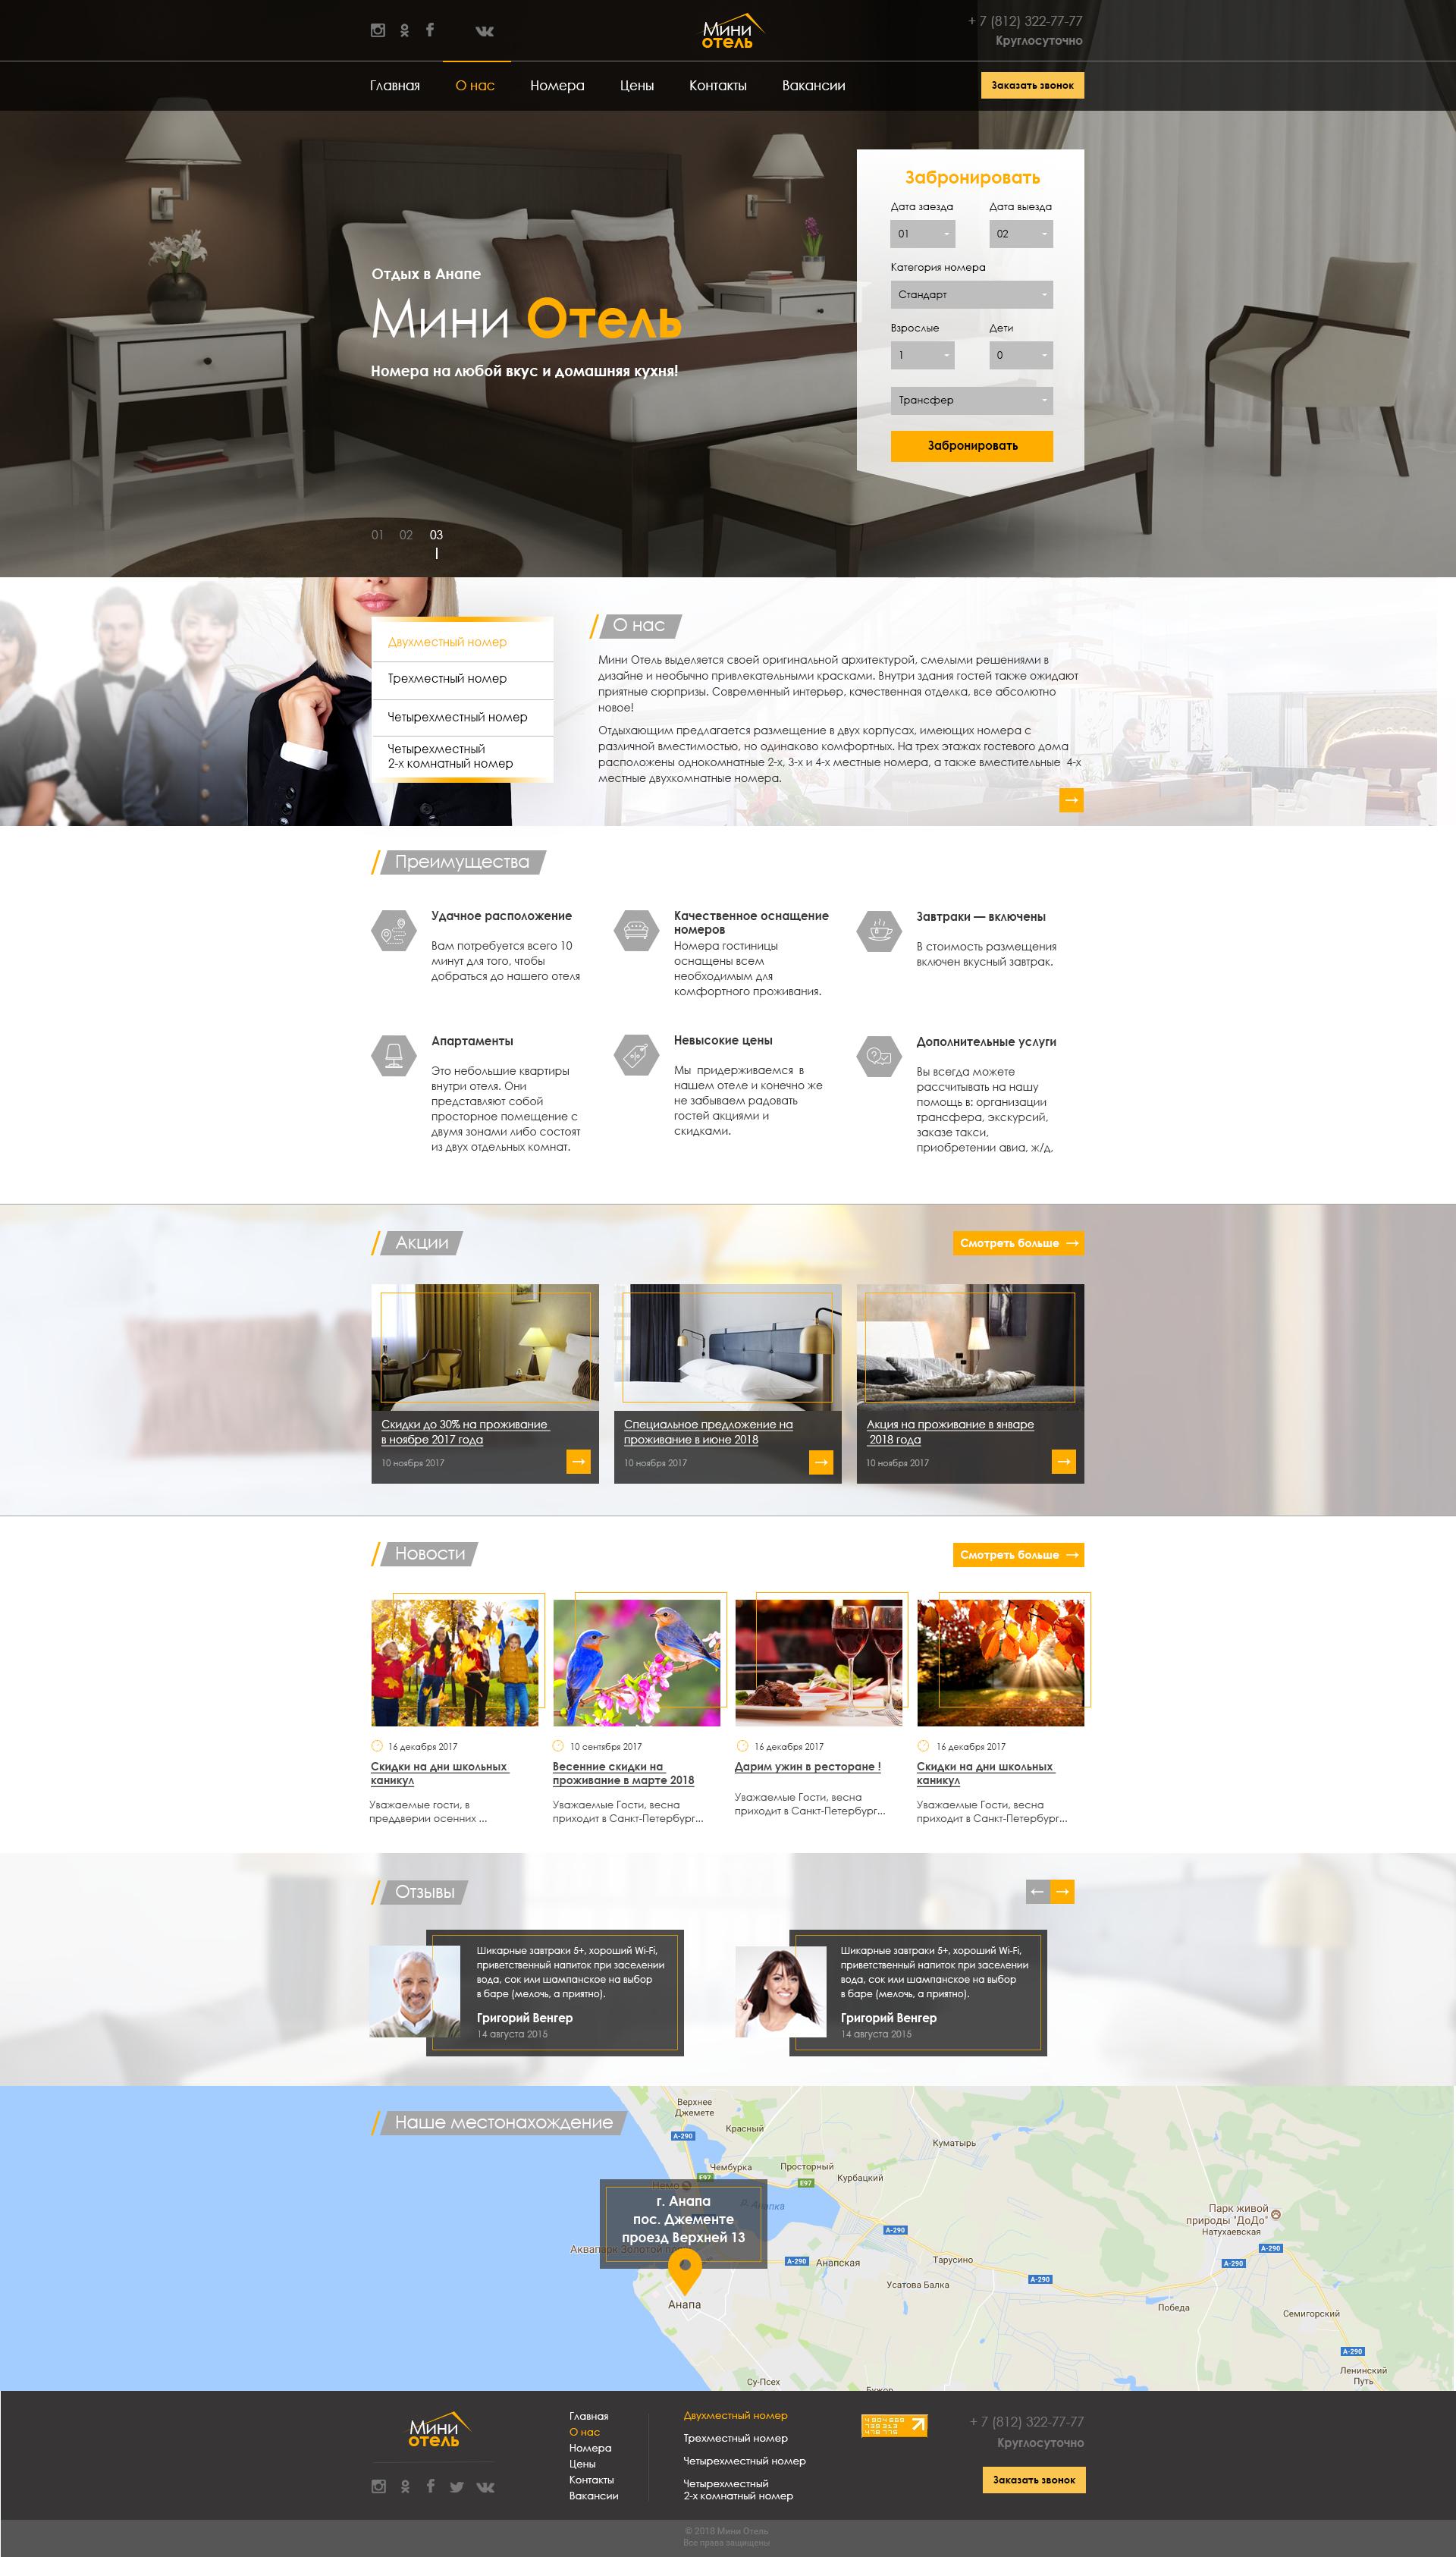 Дизайн сайта миниотель 960